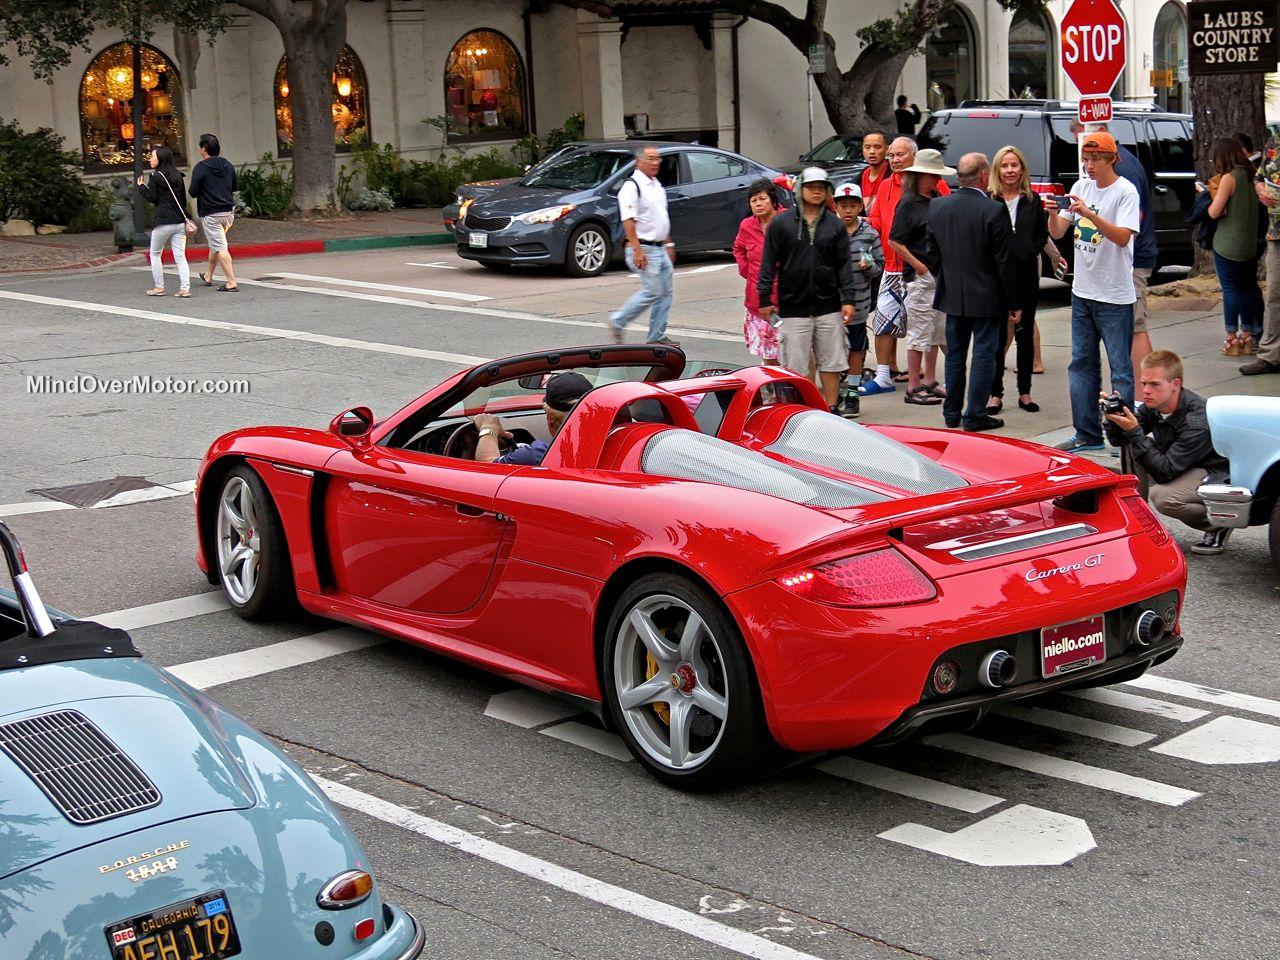 Porsche Carrera GT in Carmel rear